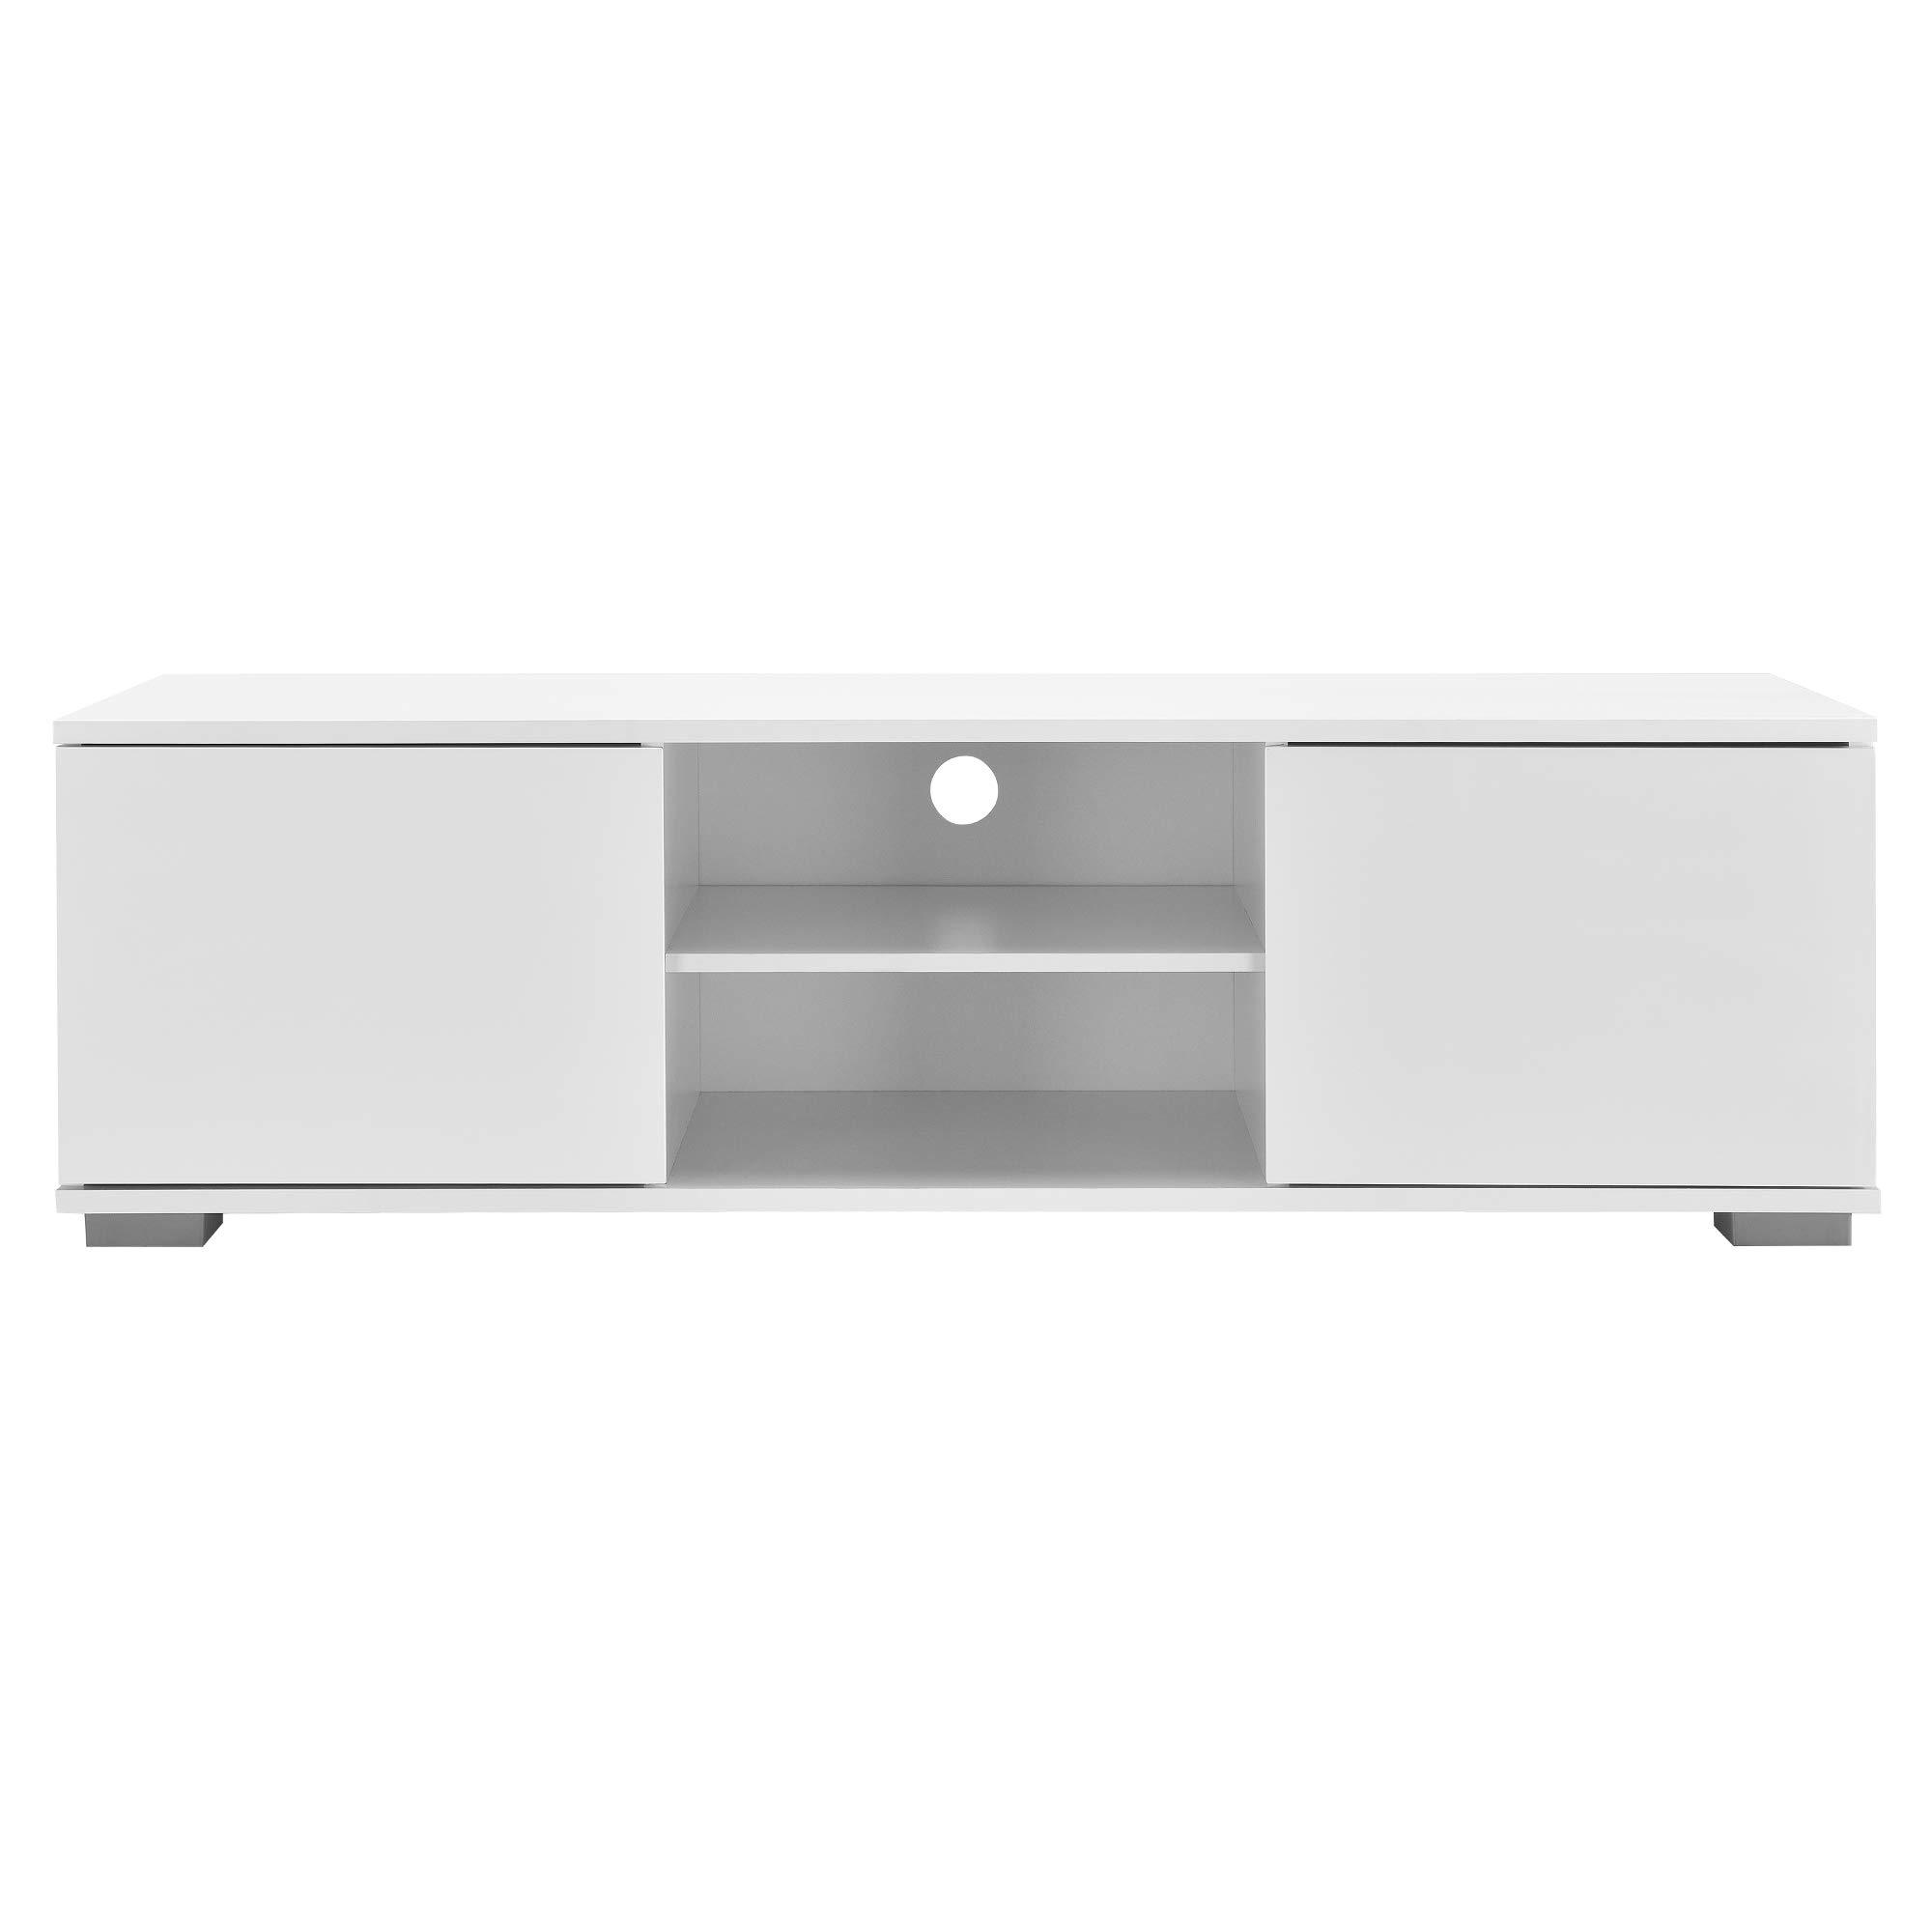 Meuble TV avec Compartiments et Portes Buffets Bas t/él/éviseur Armoire Bas 34,5cm x 120cm x 40cm MDF Noir en.casa